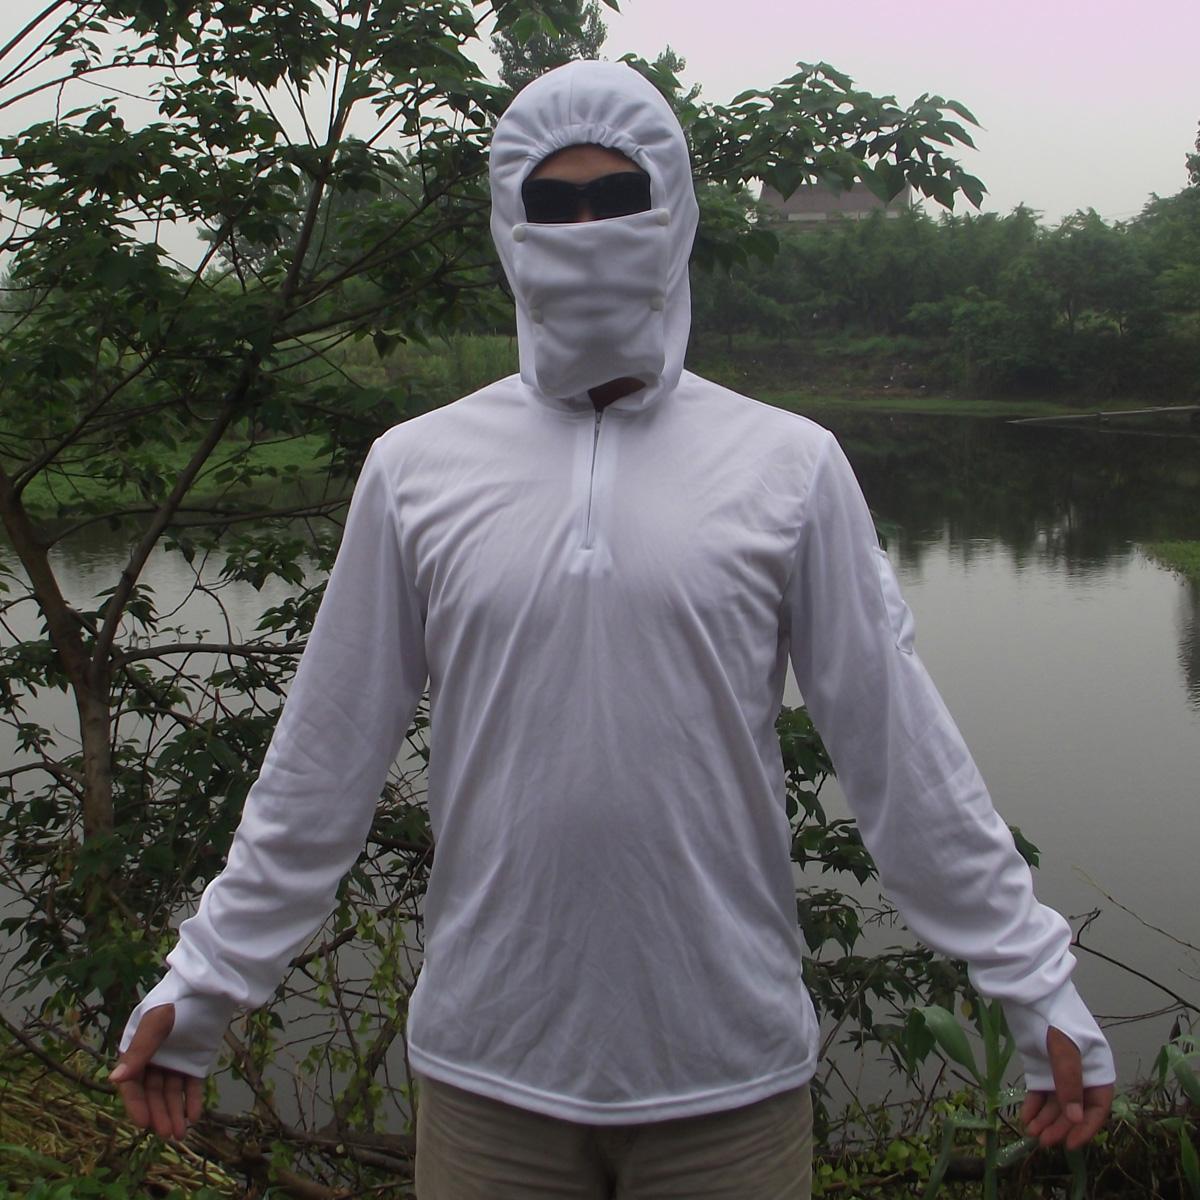 特价正品夏季防紫外线垂钓鱼衣服T恤防晒透气吸汗男女带护脸 包邮